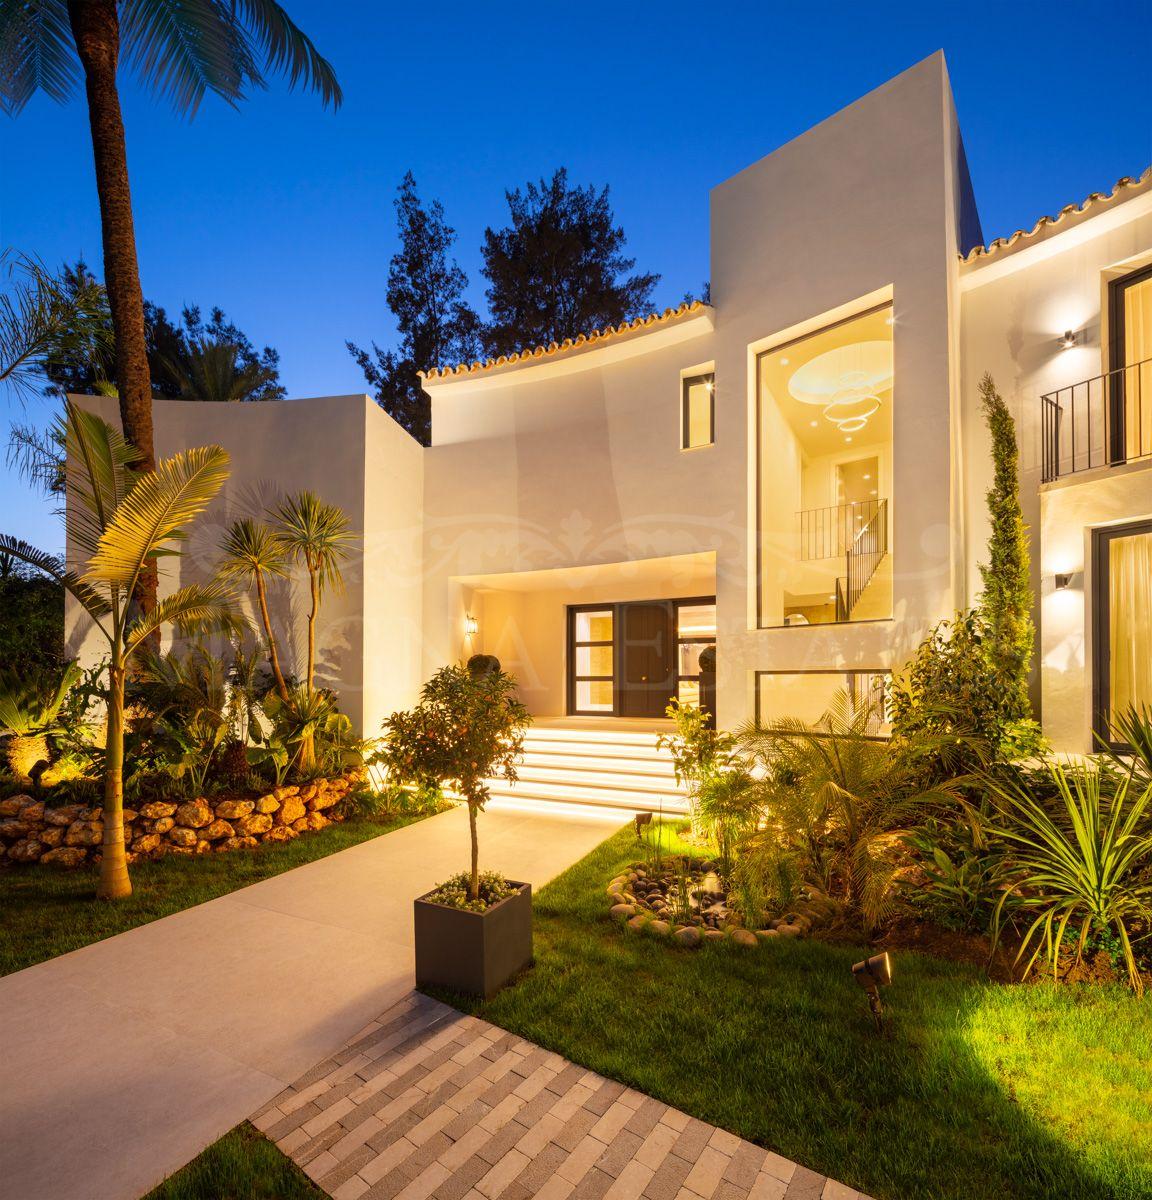 Villa on the edge of the Las Brisas golf course, in Nueva Andalucía, Marbella